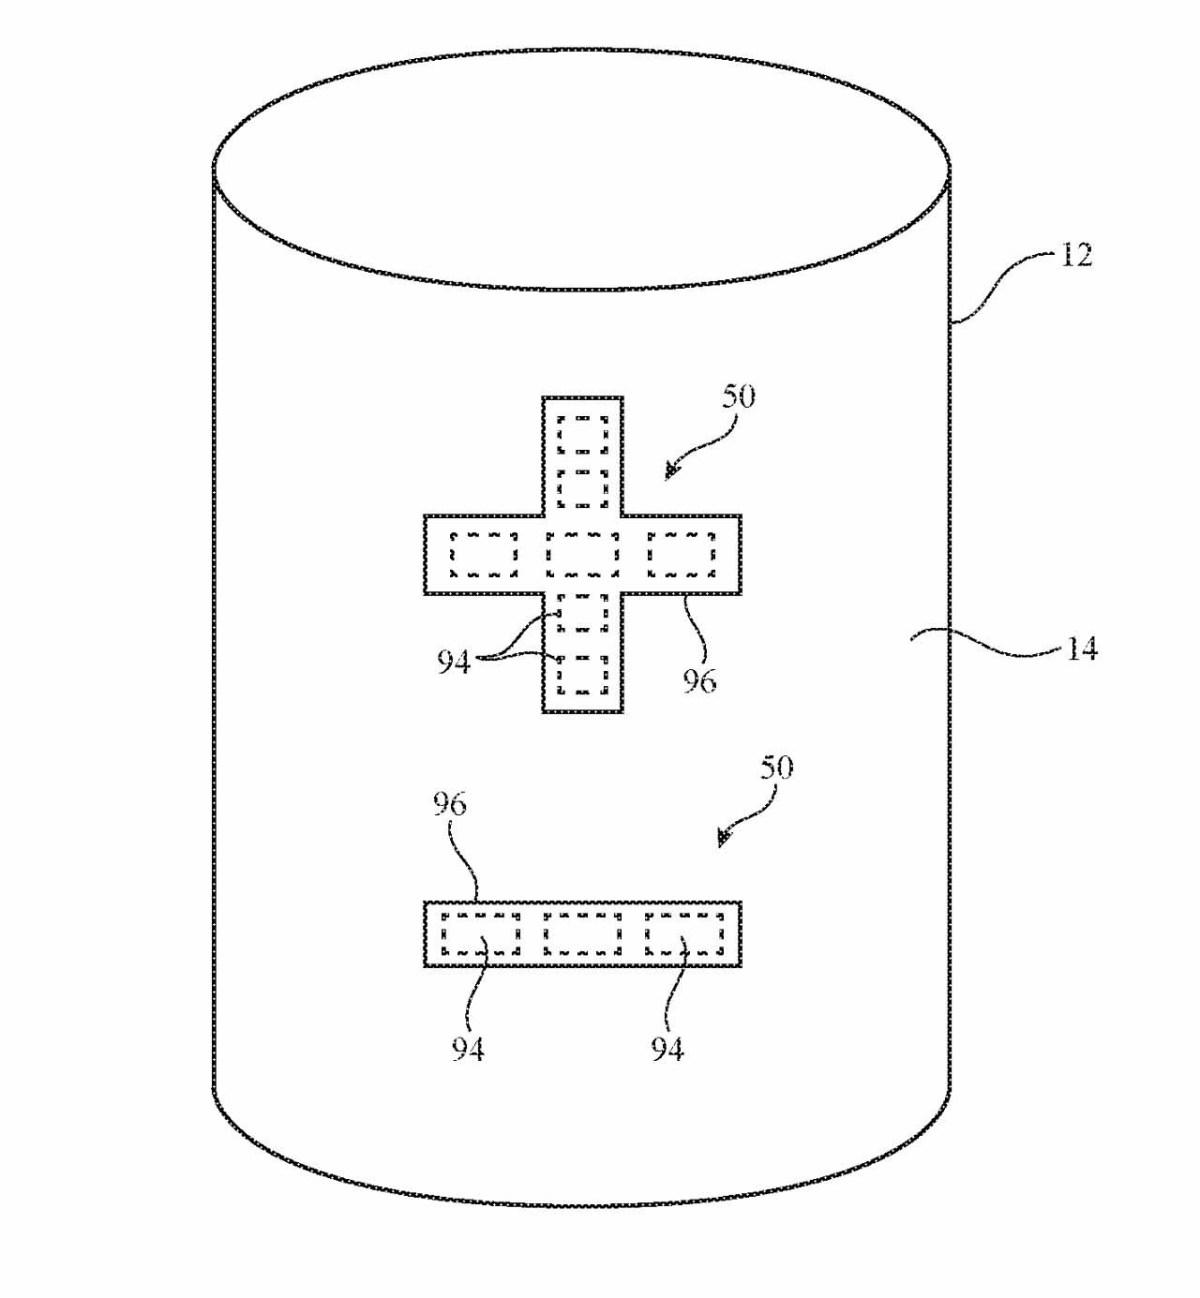 Деталь из патента, показывающая элементы управления